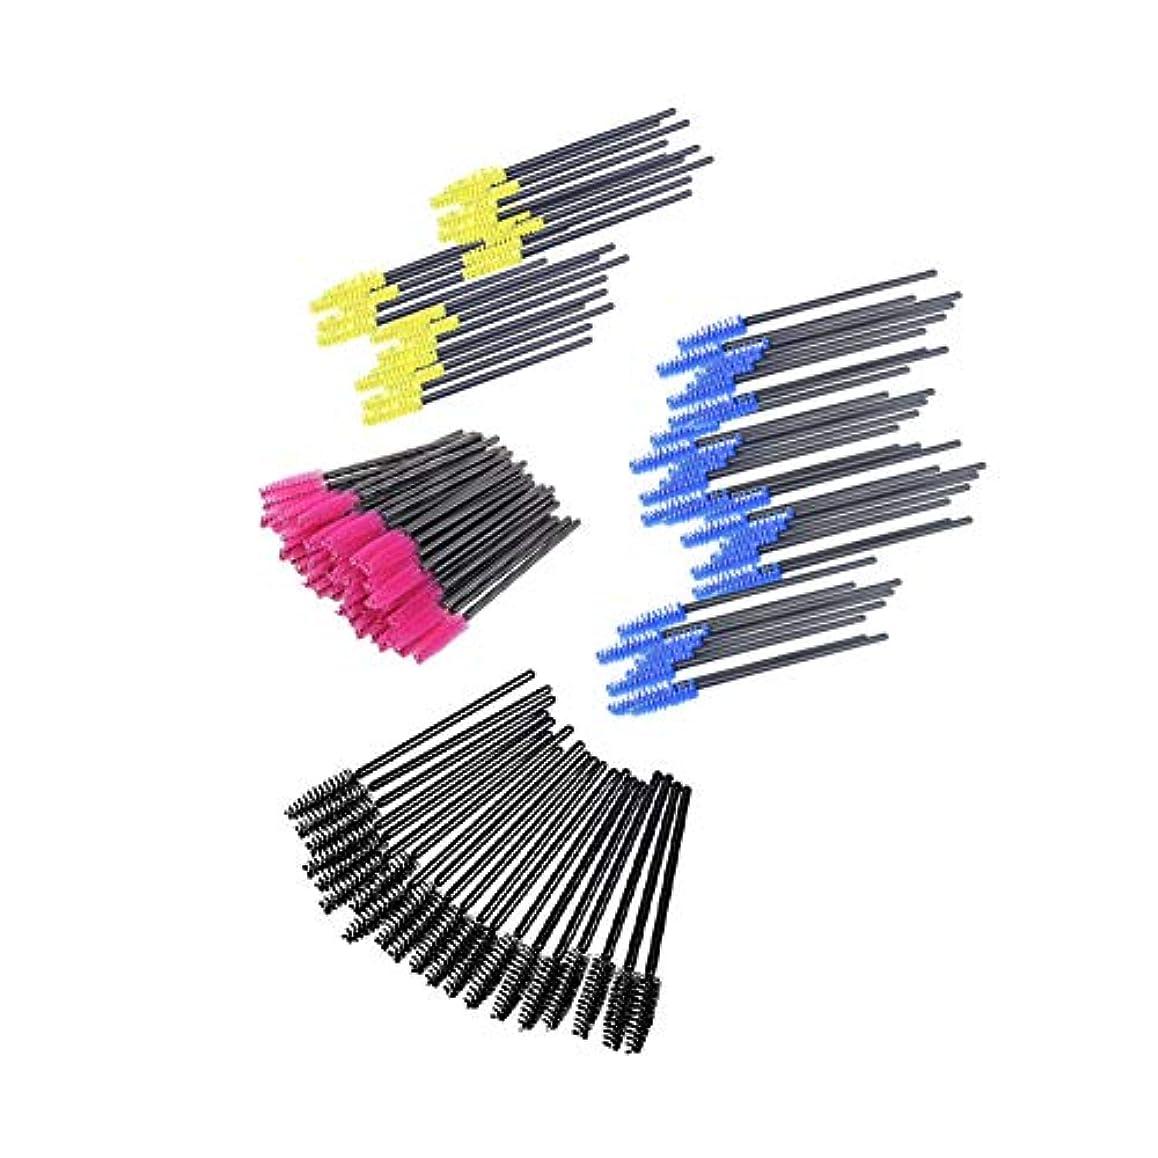 サーカス外科医オートメーション200使い捨てまつげマスカラブラシカラー化粧品アプリケーターのまつげ化粧修復トークン黄/黒/赤/青のバラ